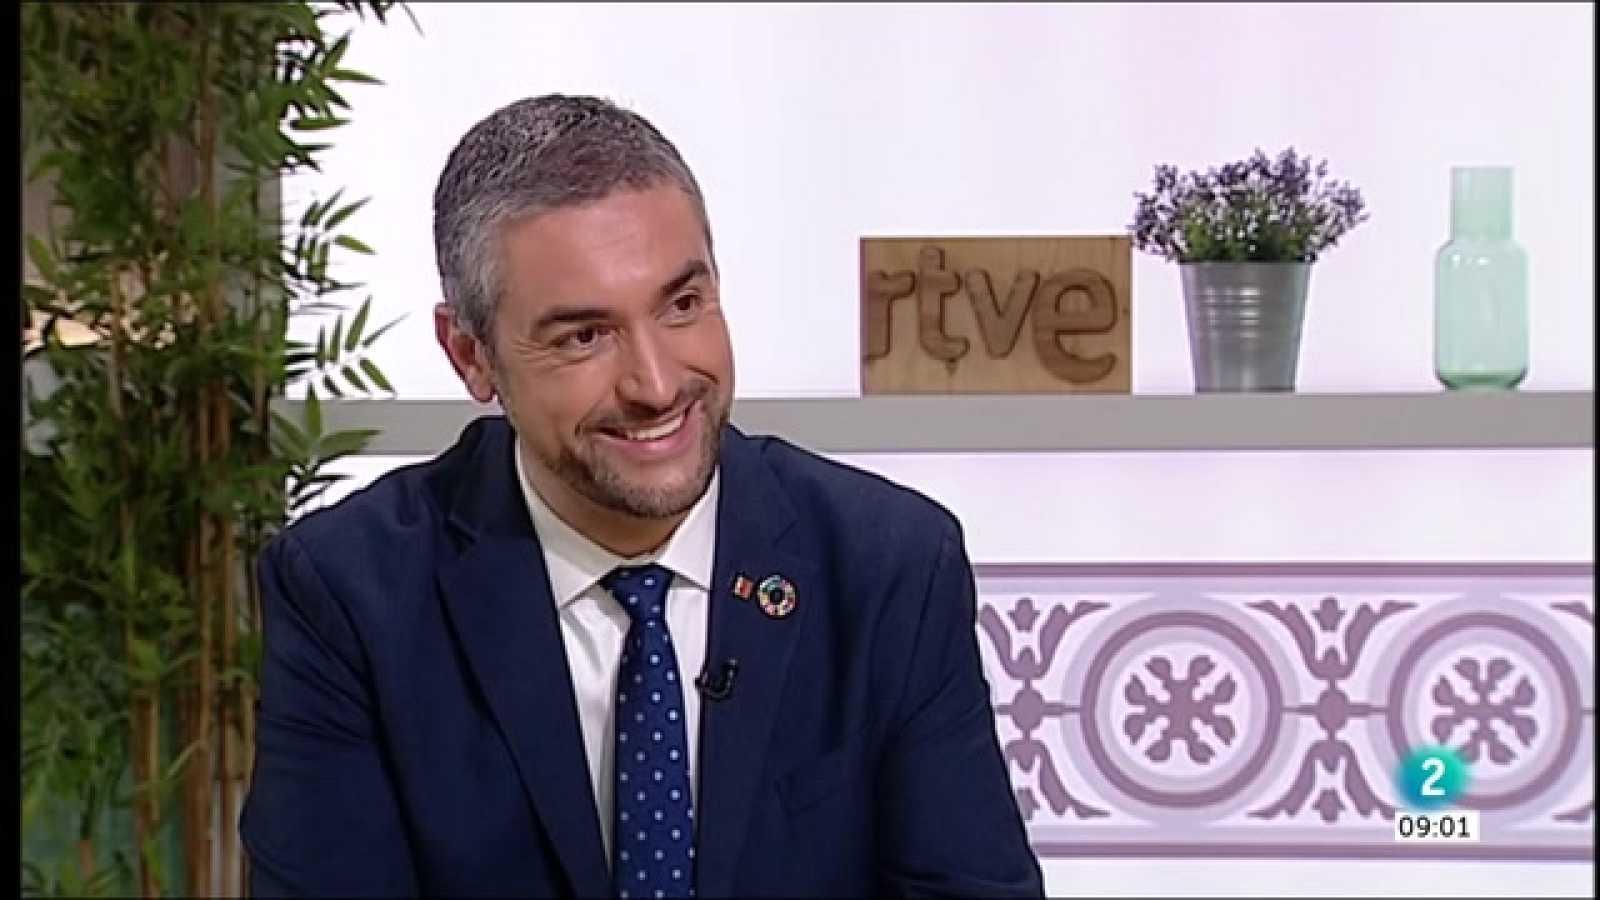 Gemma Nierga entrevista Bernat Solé, conseller d'Acció Exterior, Relacions Institucionals i Transparència